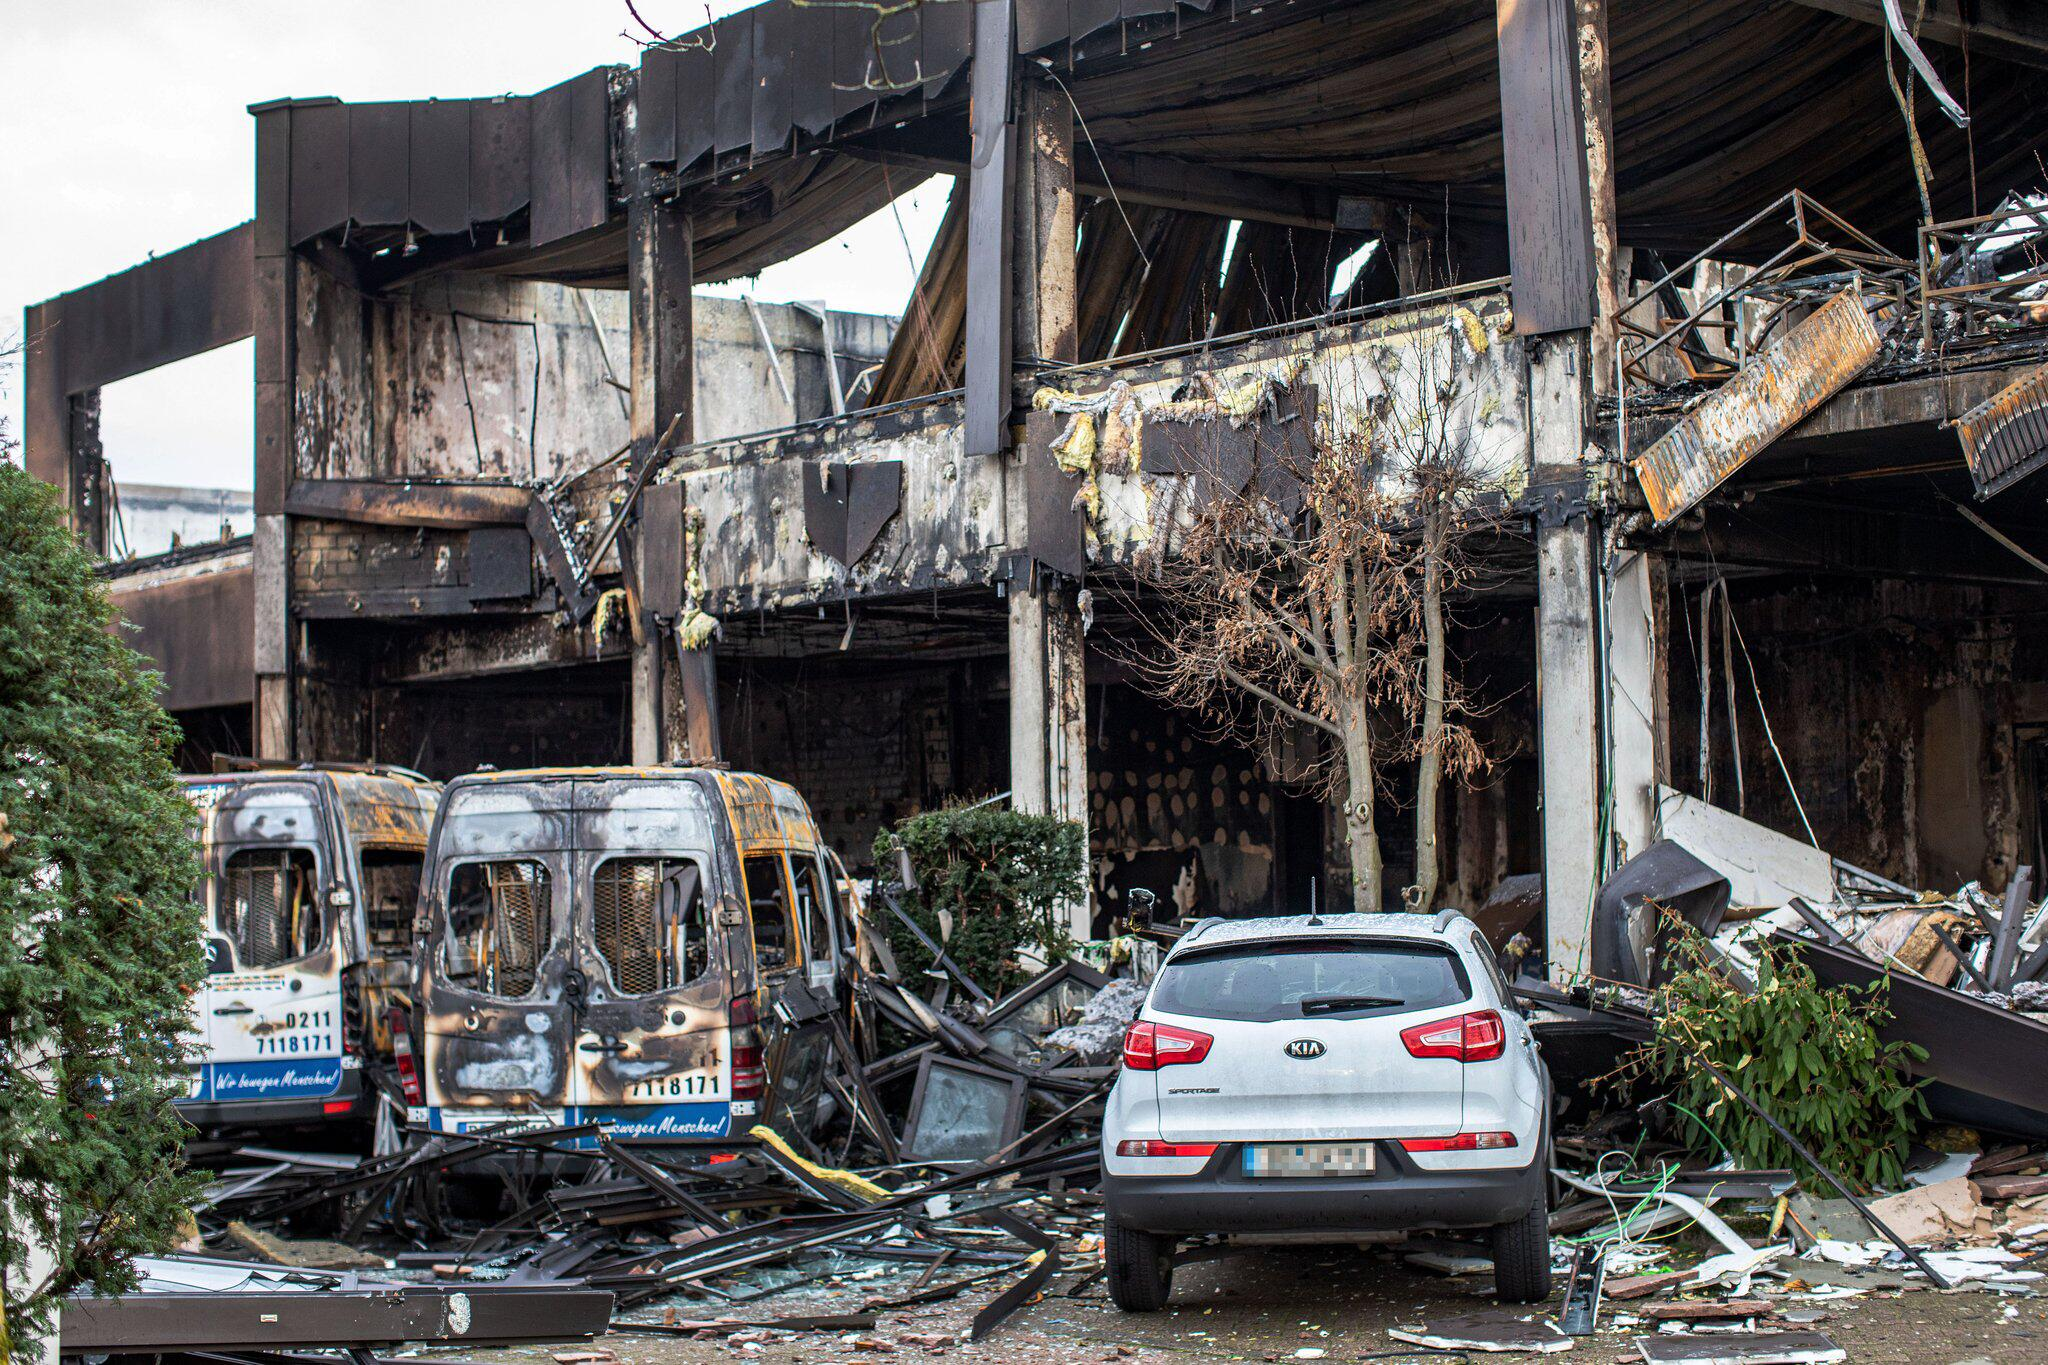 Bild zu Brand in Düsseldorf - Suche nach Ursache